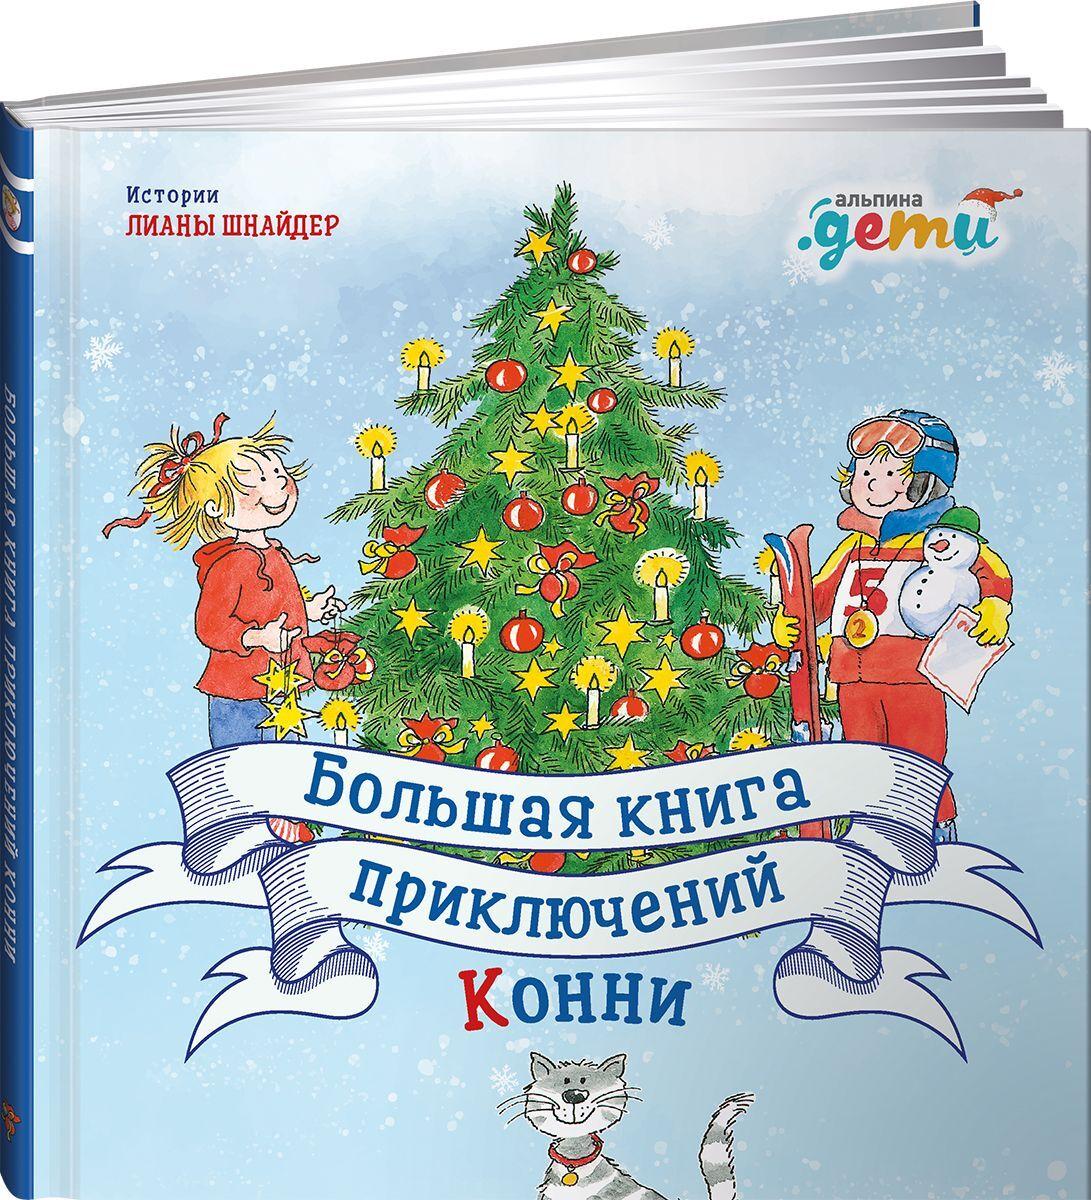 Книга Большая книга приключений Конни. Лиана Шнайдер